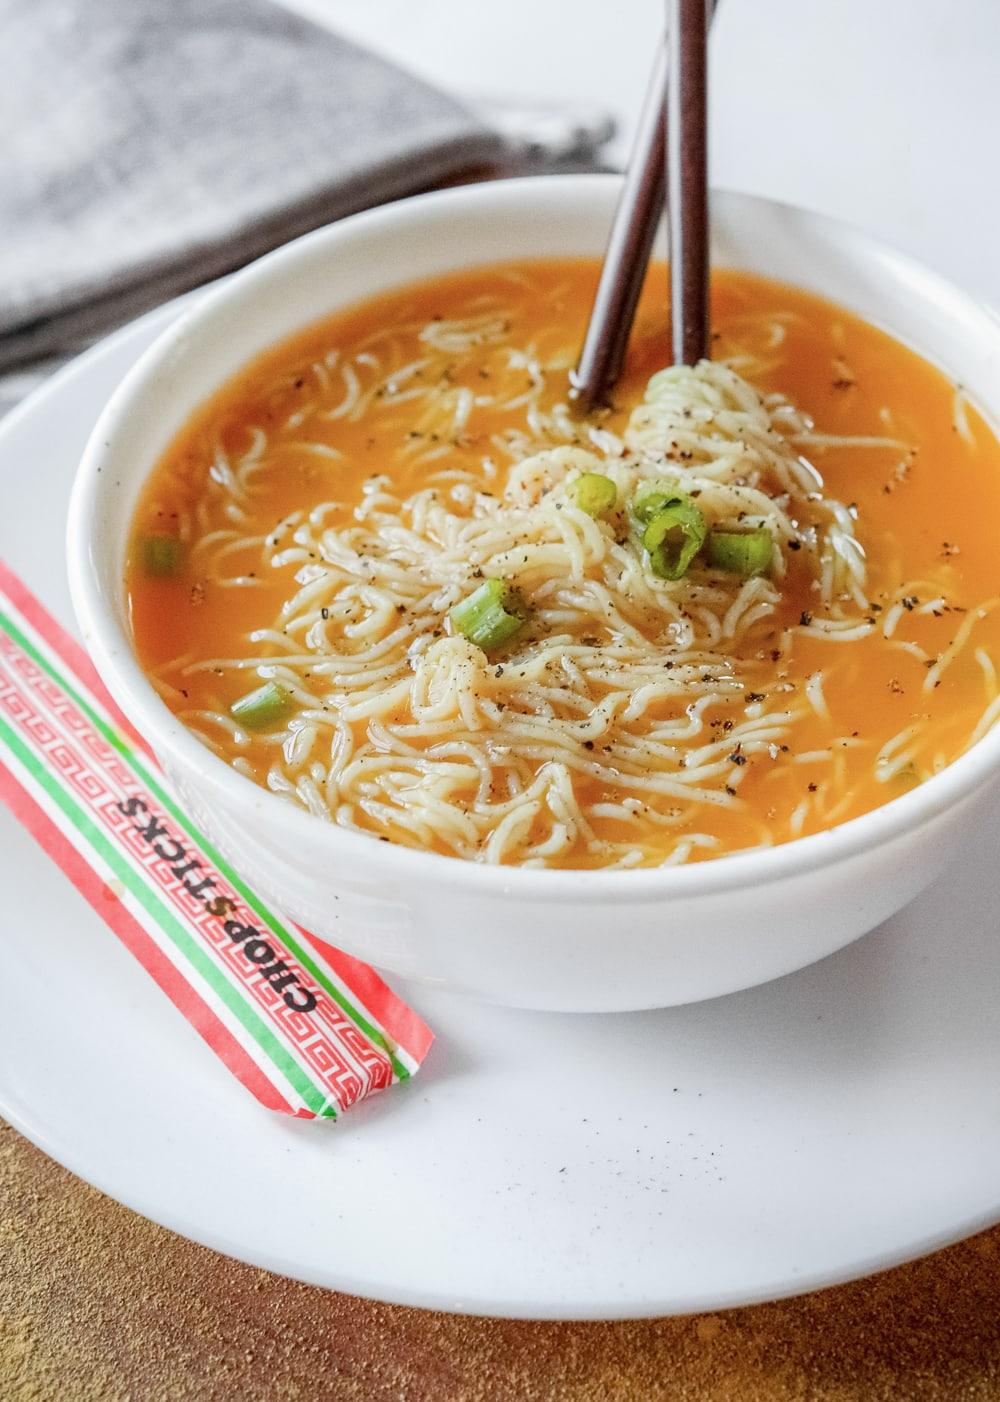 Ramen soup in a bowl.